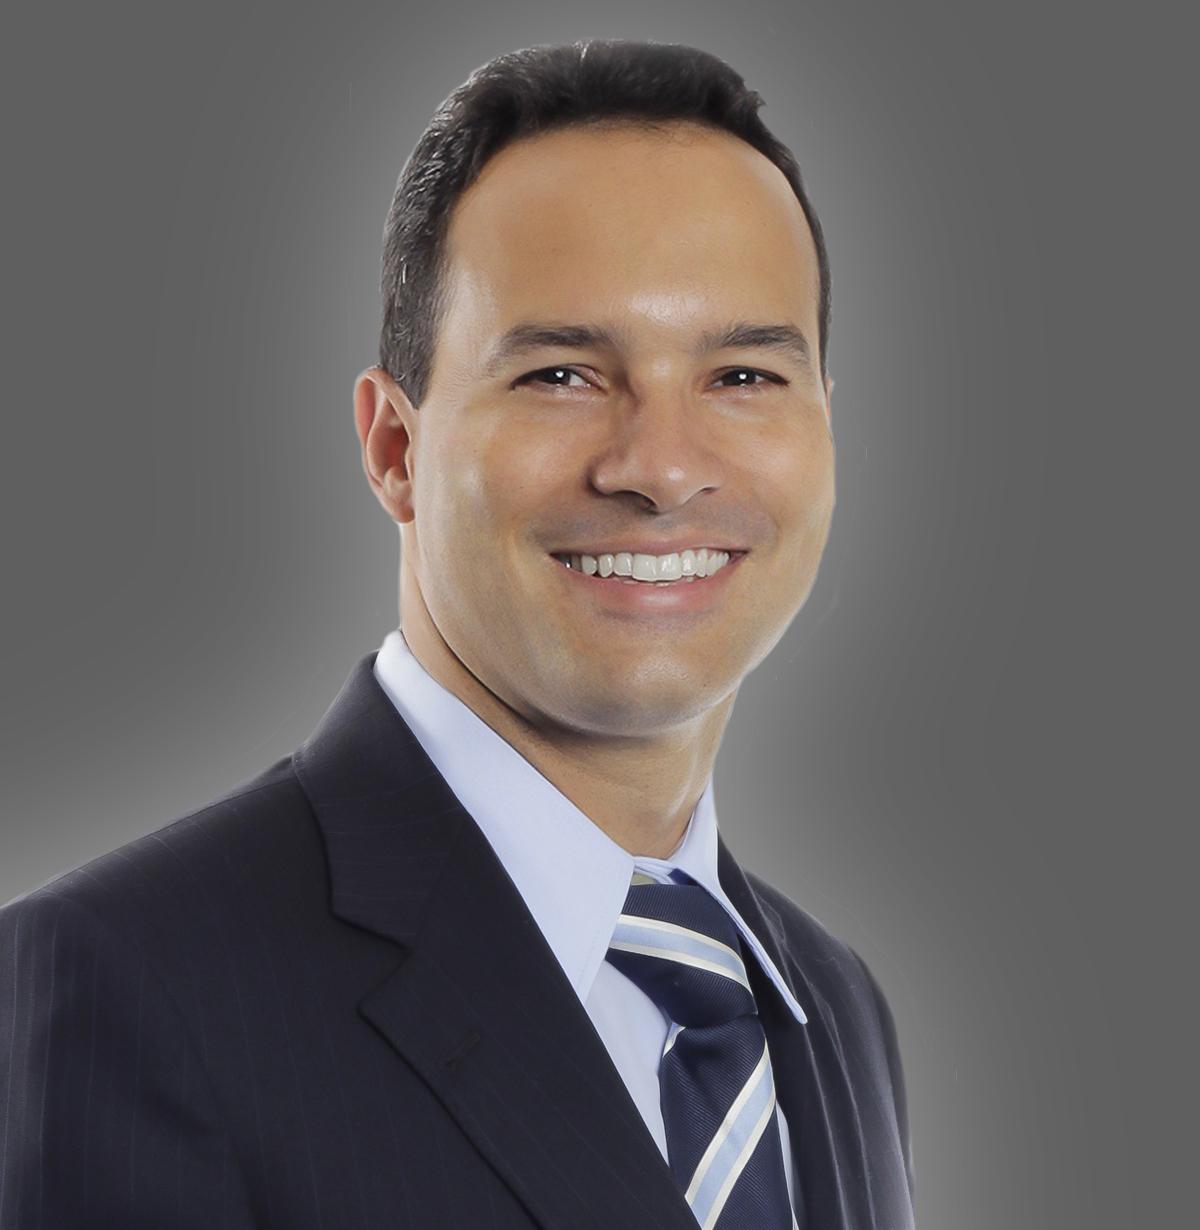 Deloitte promove 1º evento em Fortaleza com foco em executivos